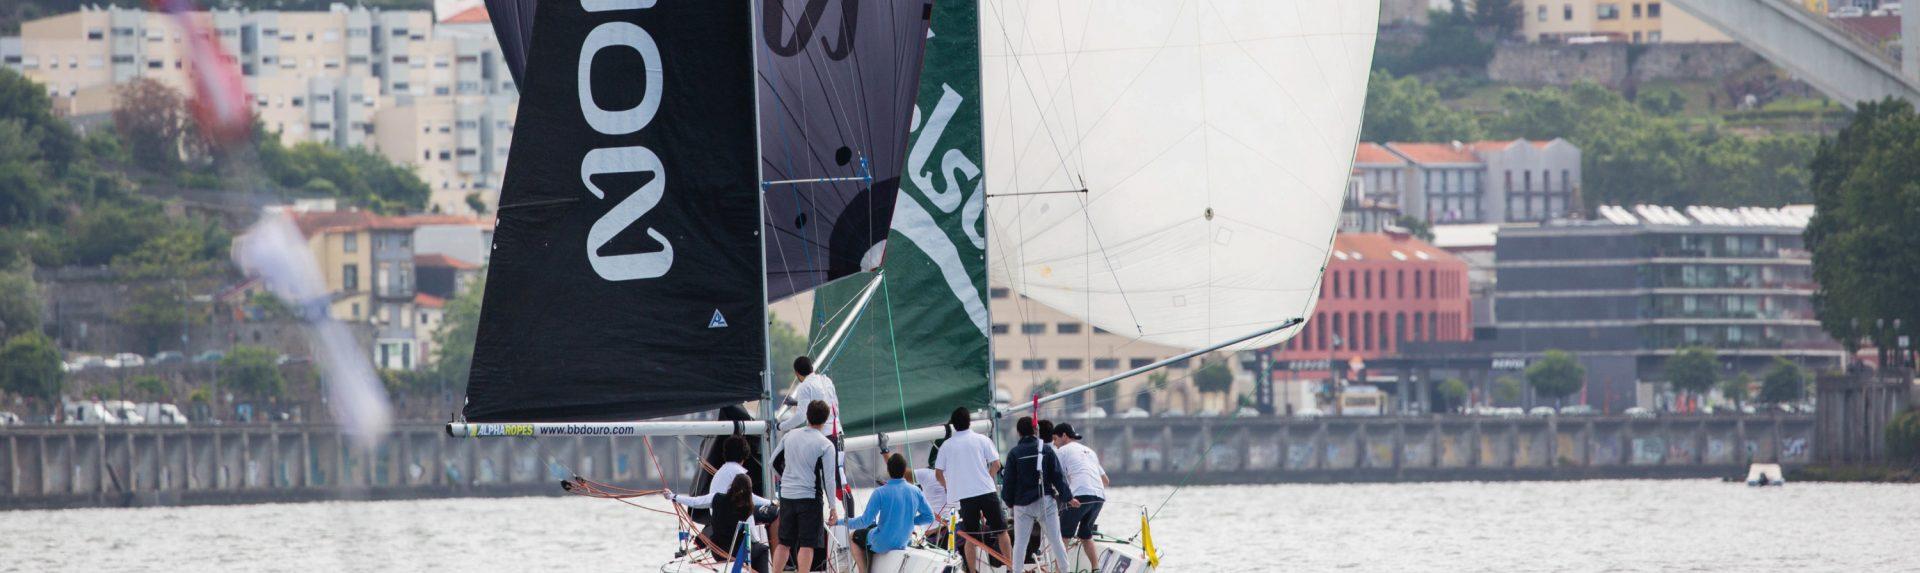 Match Racing Porto | BBDouro - We do Sailing